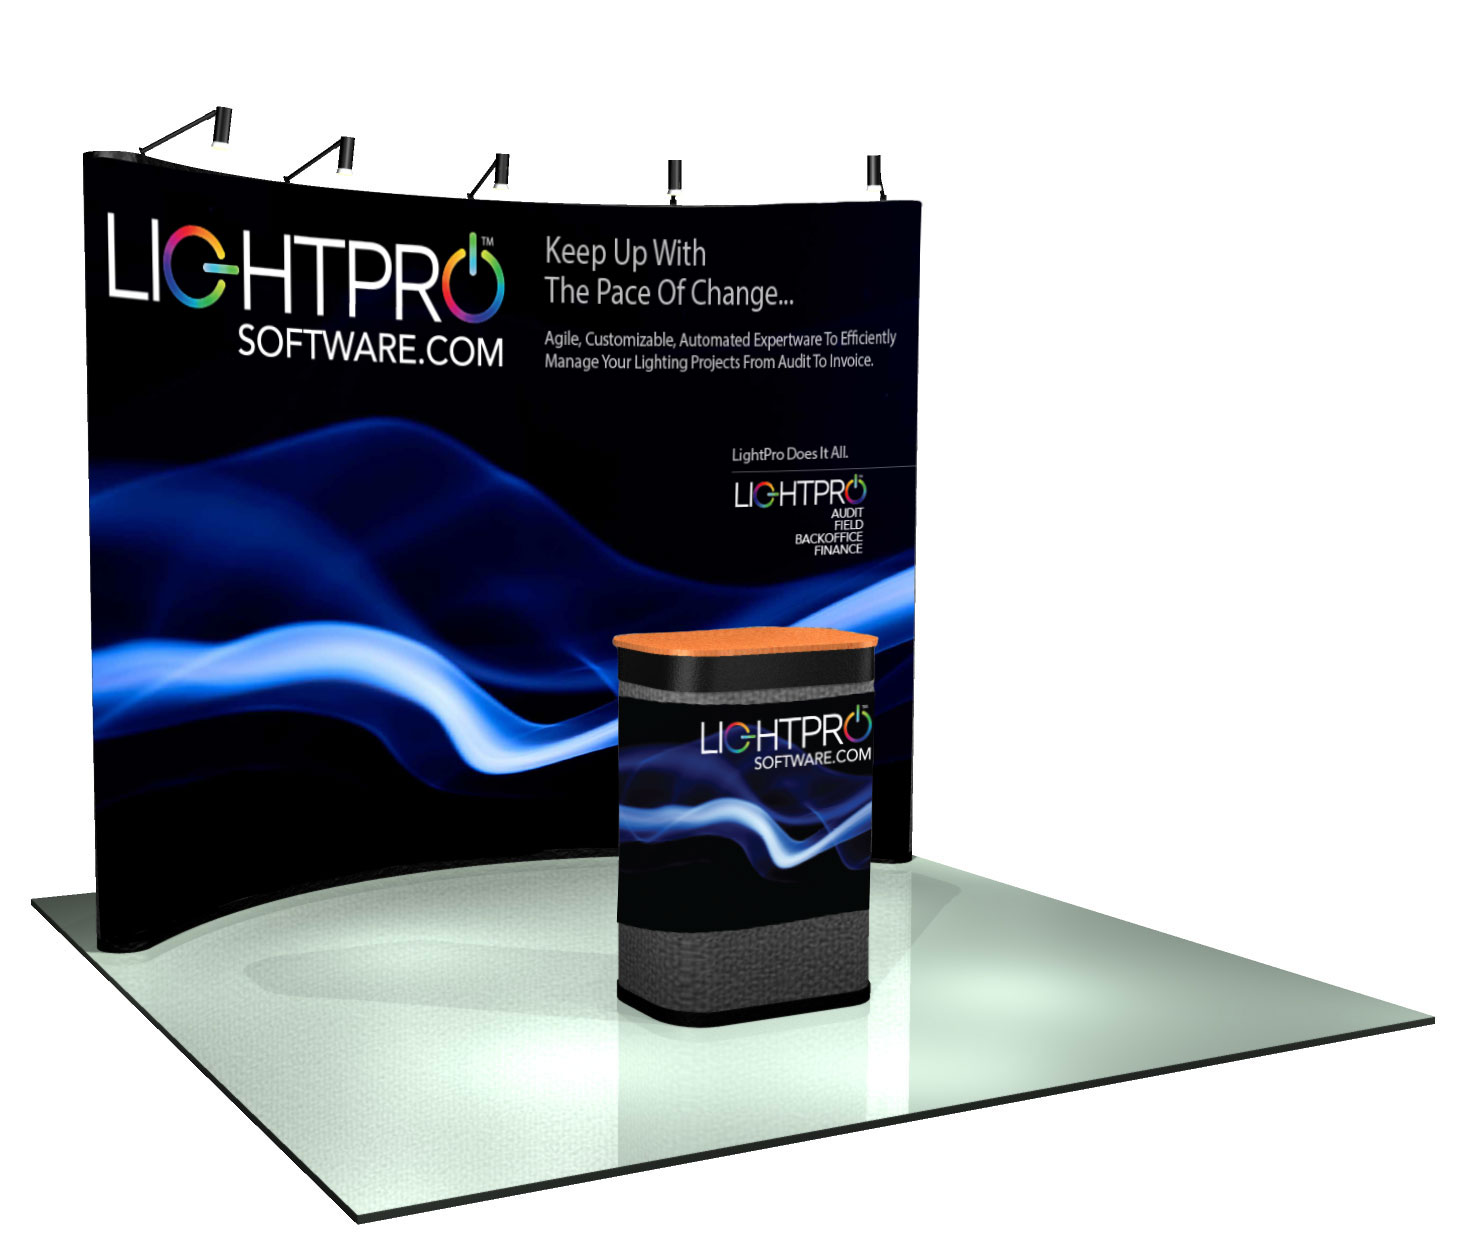 LightPro Exhibit Booth